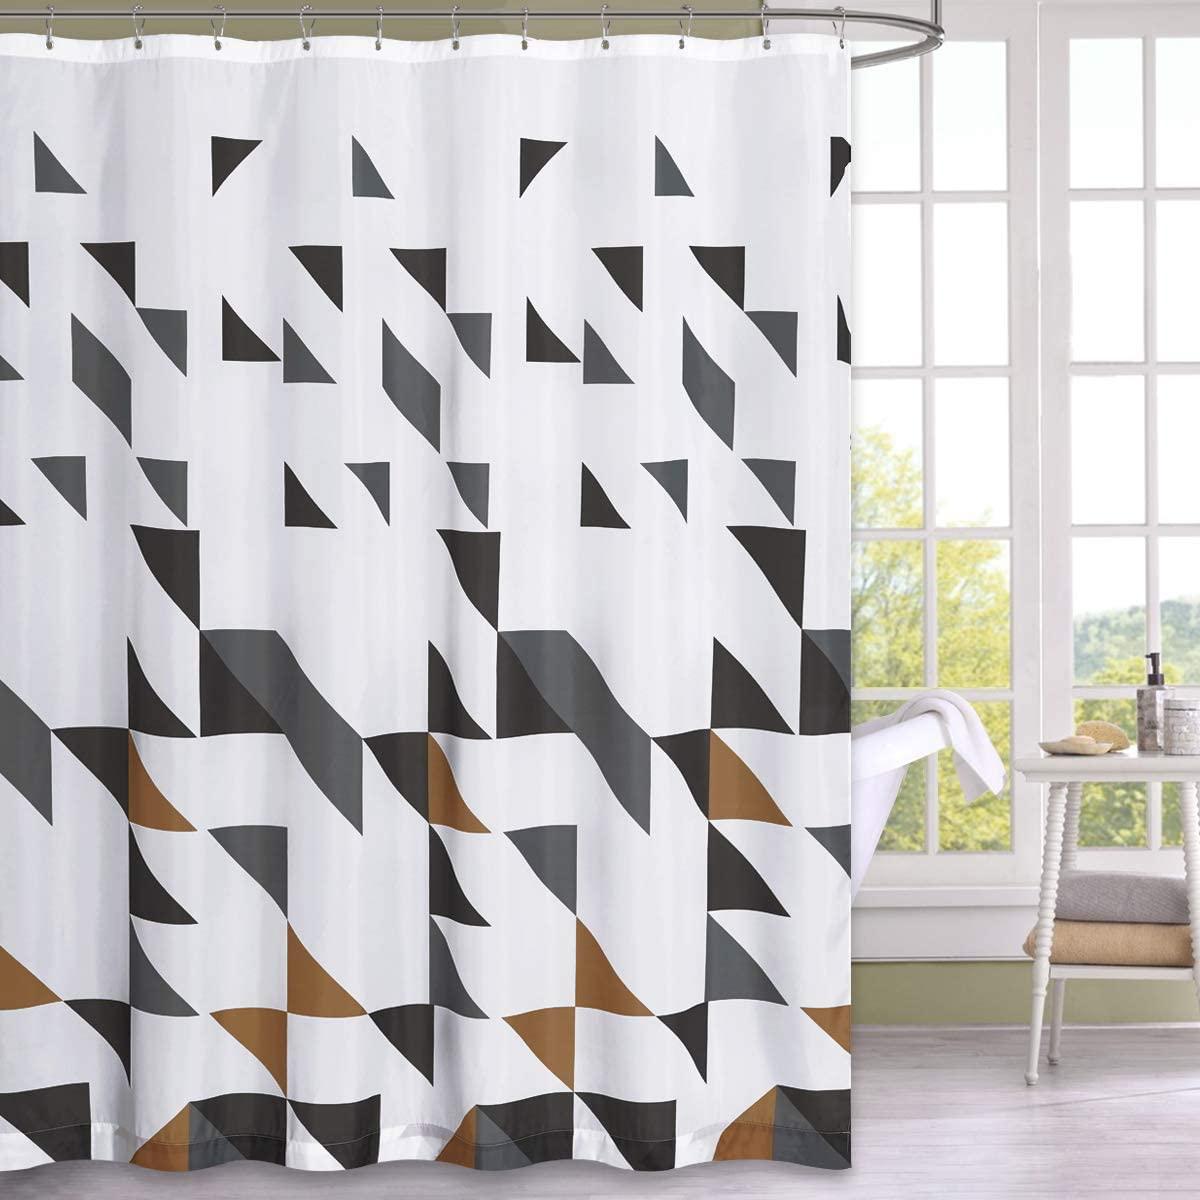 NICETOWN décoratif géométrique imprimé rideau de douche étanche pour salle de bain douches, étals et baignoires crochets inclus